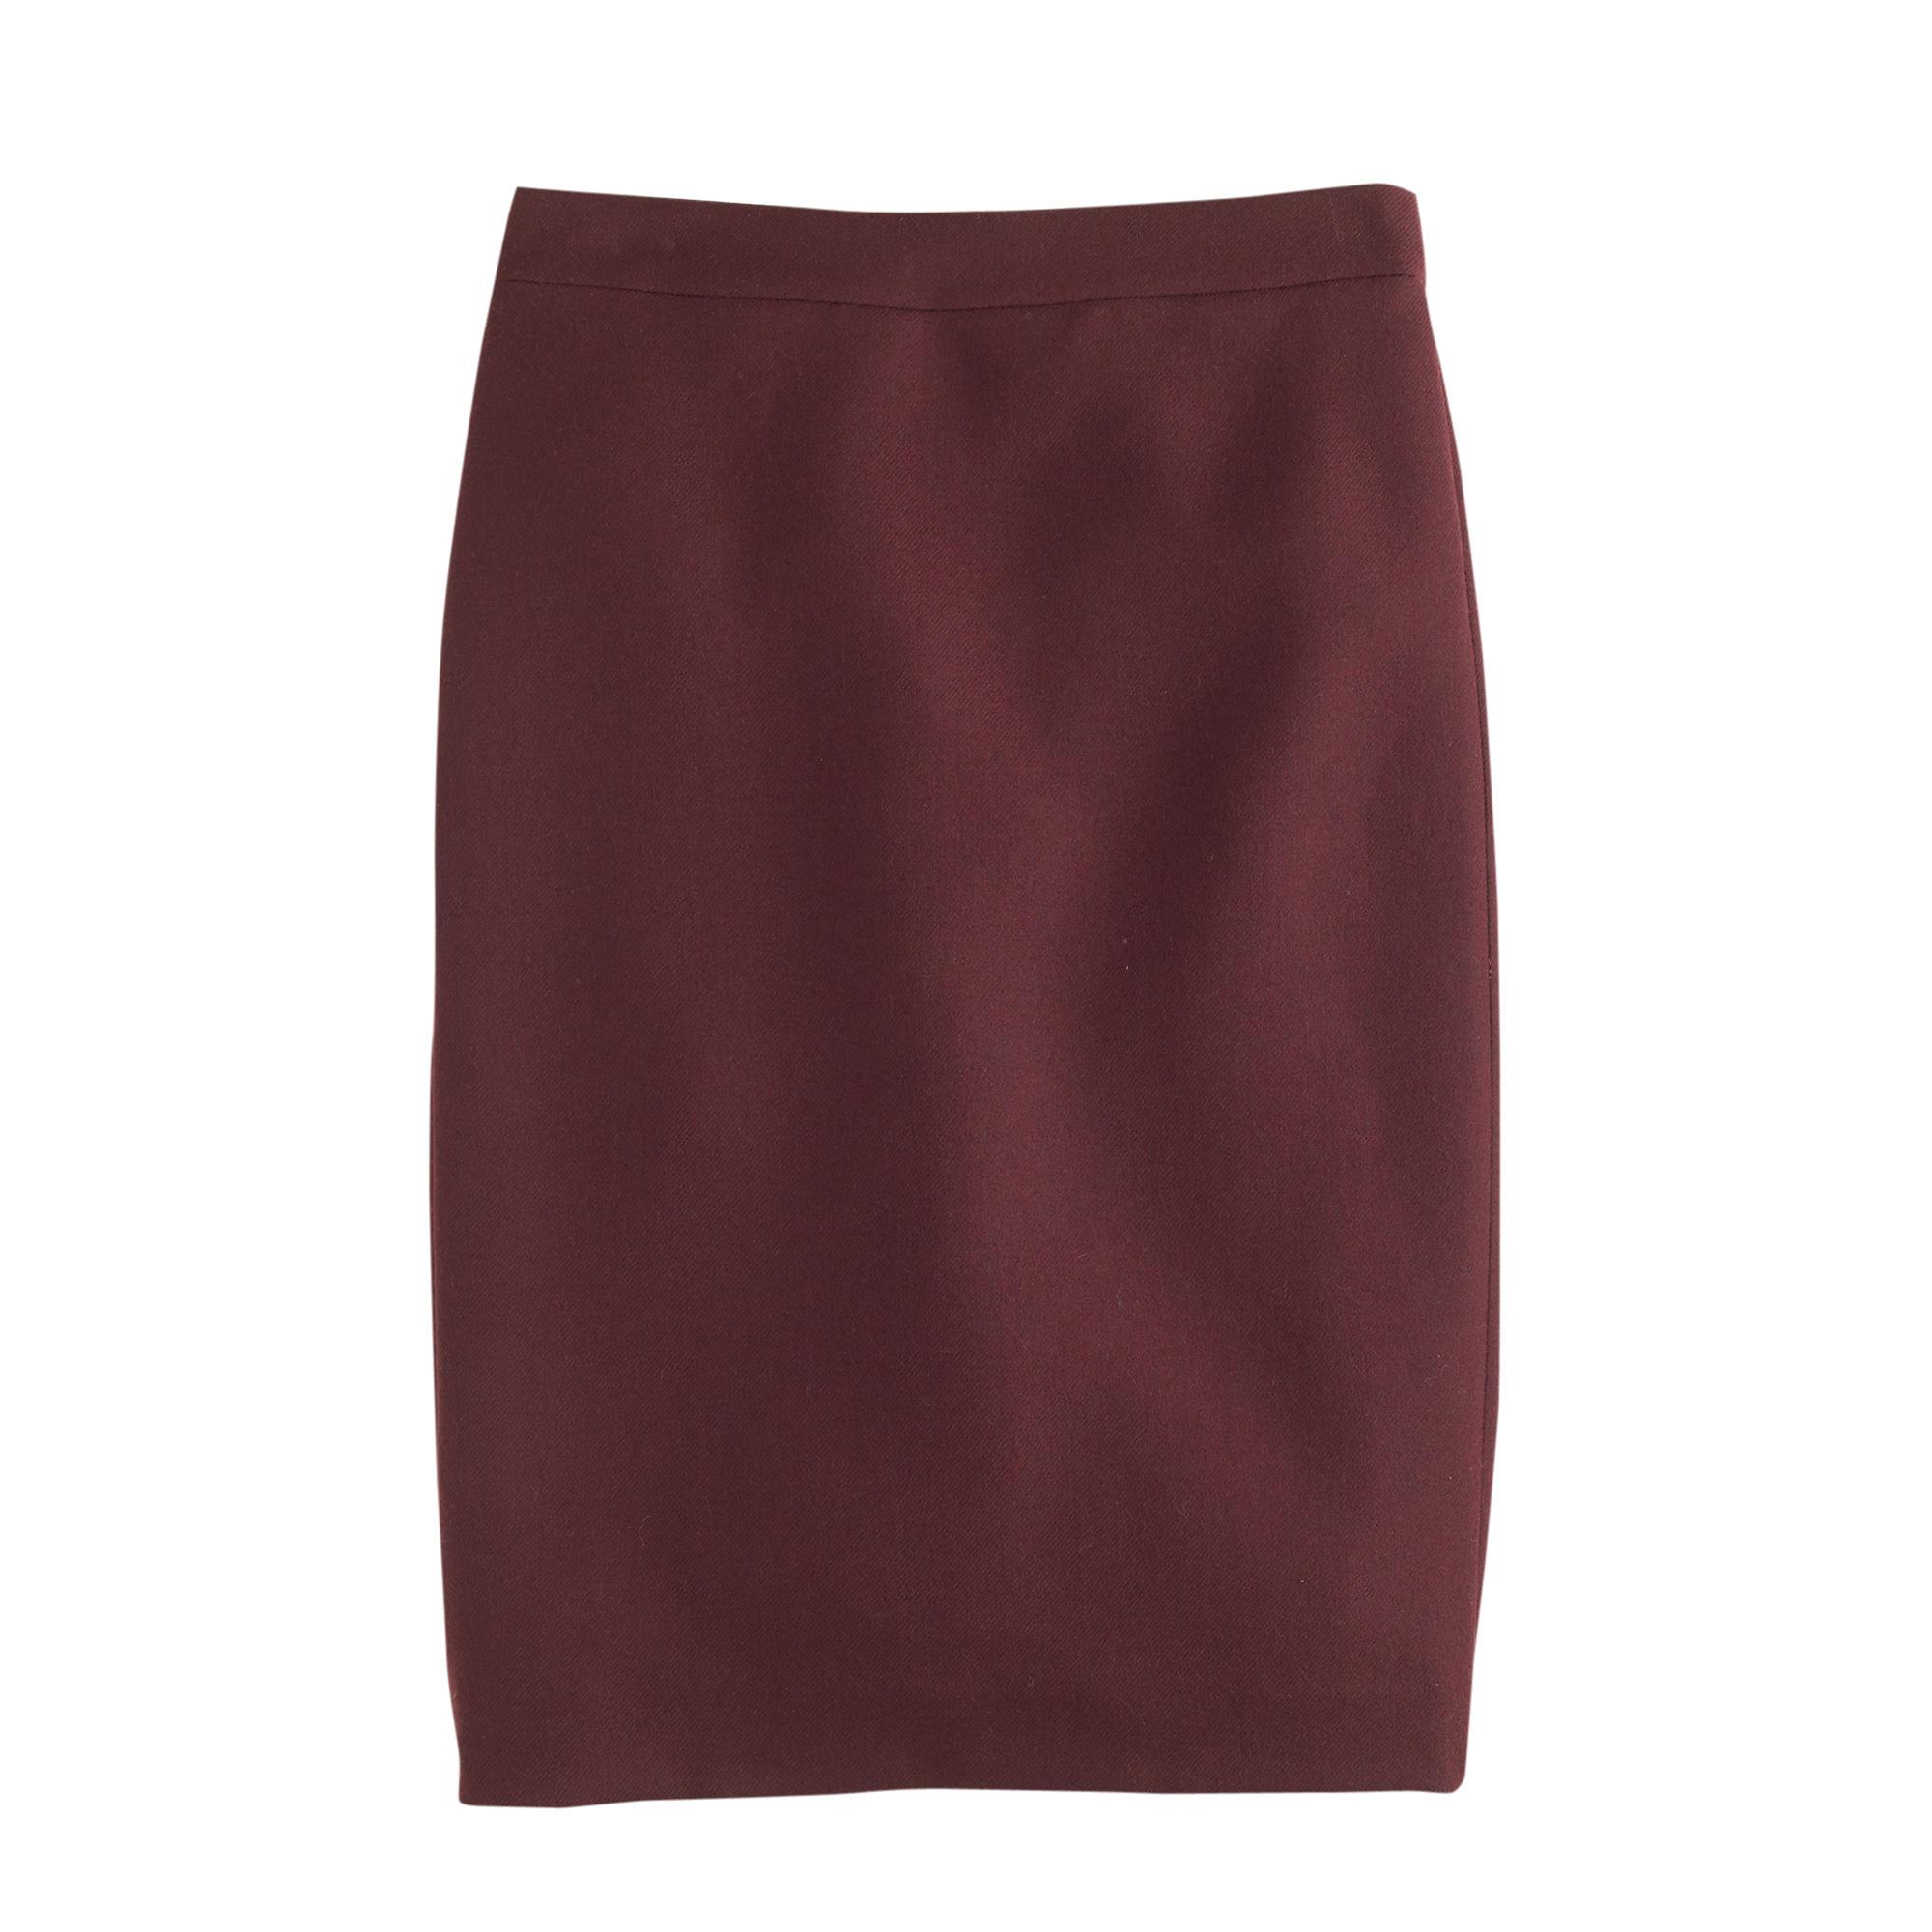 j crew no 2 pencil skirt in serge wool in